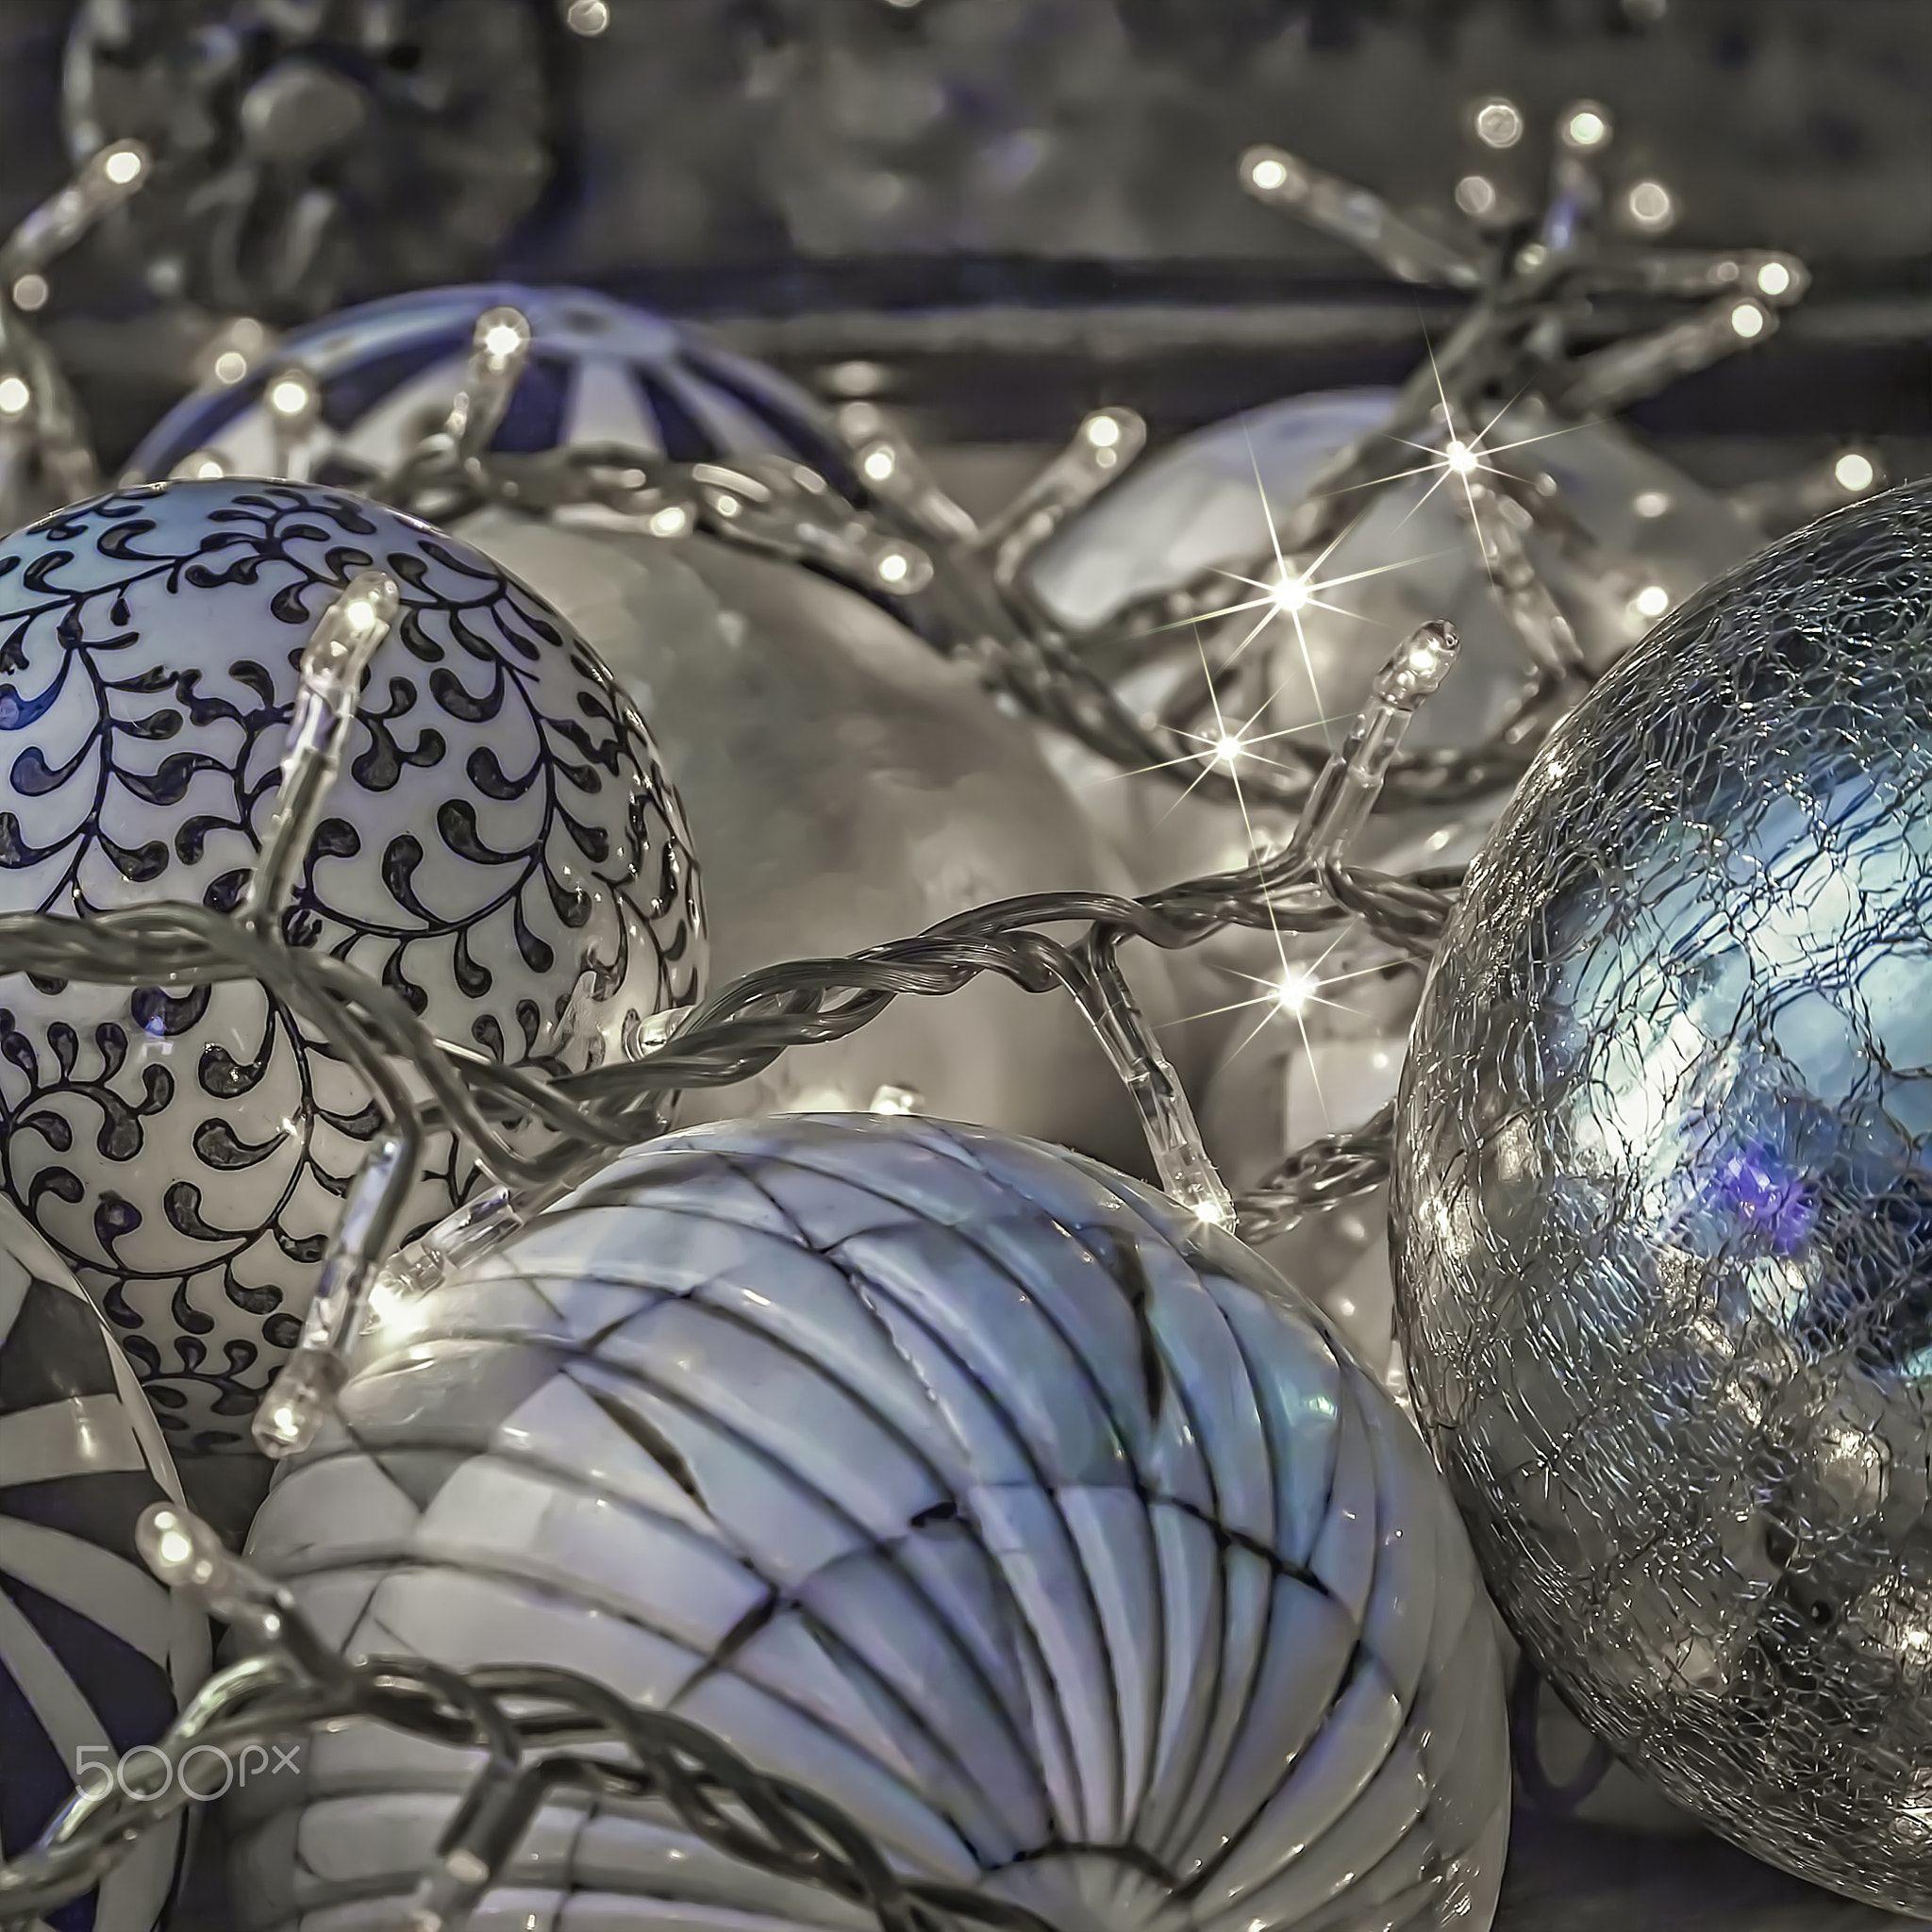 Silver Decorative Balls Festive Balls Silver Decorative Balls With Fairy Lights